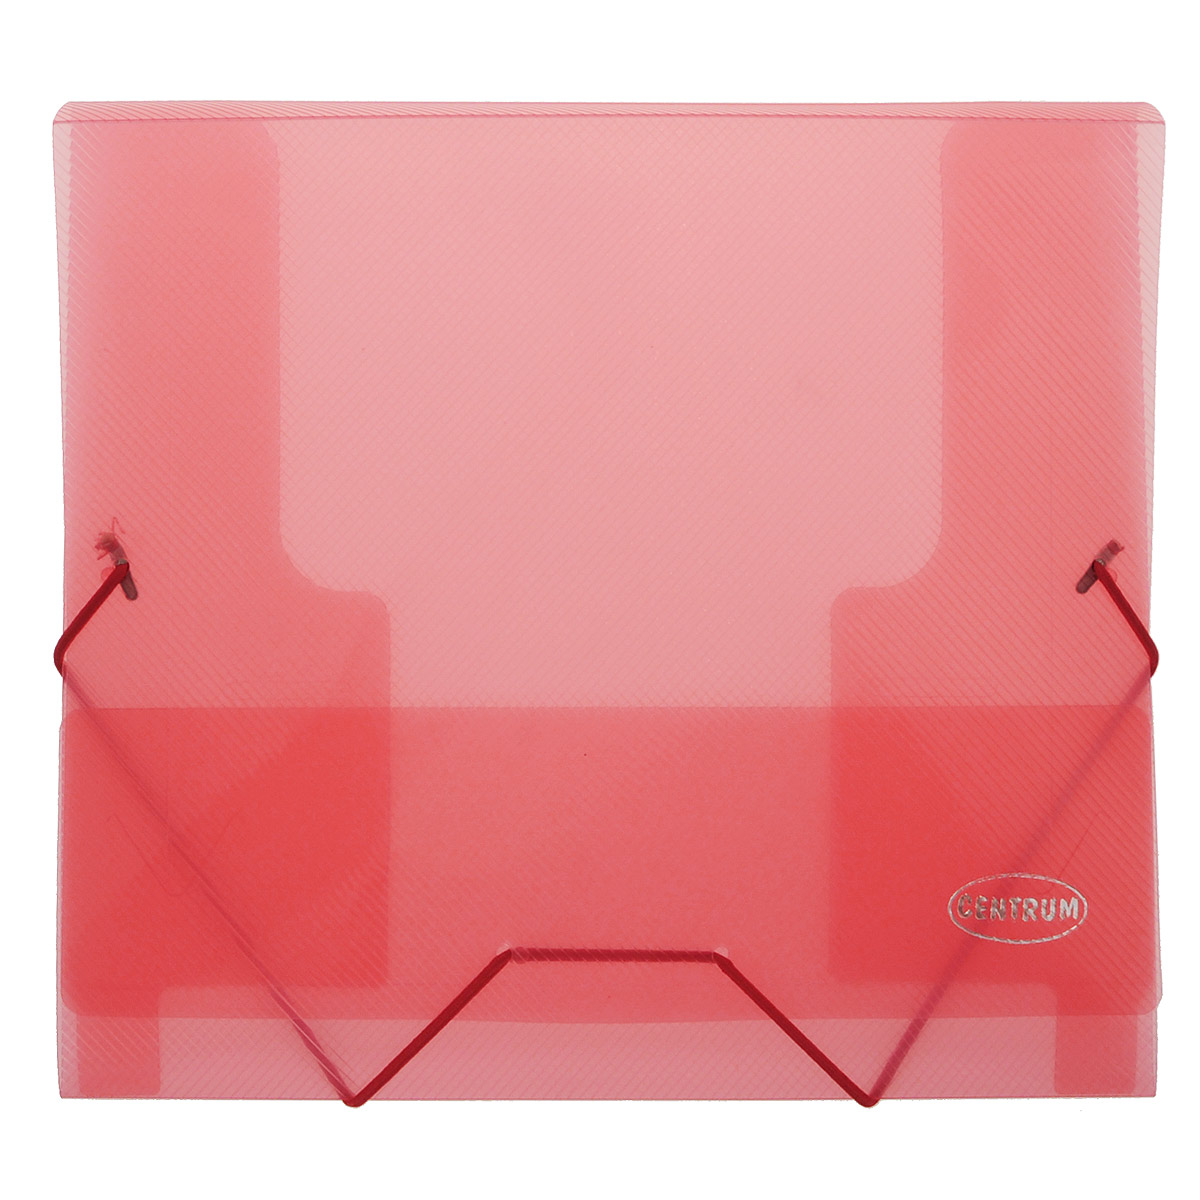 Папка-конверт на резинках Centrum, формат А5, цвет: красныйFS-36054Папка-конверт на резинке Centrum - это удобный и функциональный офисный инструмент, предназначенный для хранения и транспортировки рабочих бумаг и документов формата А5.Папка с двойной угловой фиксацией резиновой лентой изготовлена из износостойкого полупрозрачного полипропилена.Внутри папка имеет три клапана, что обеспечивает надежную фиксацию бумаг и документов. Оформлена тиснением в виде параллельной штриховки. Папка - это незаменимый атрибут для студента, школьника, офисного работника. Такая папка надежно сохранит ваши документы и сбережет их от повреждений, пыли и влаги.